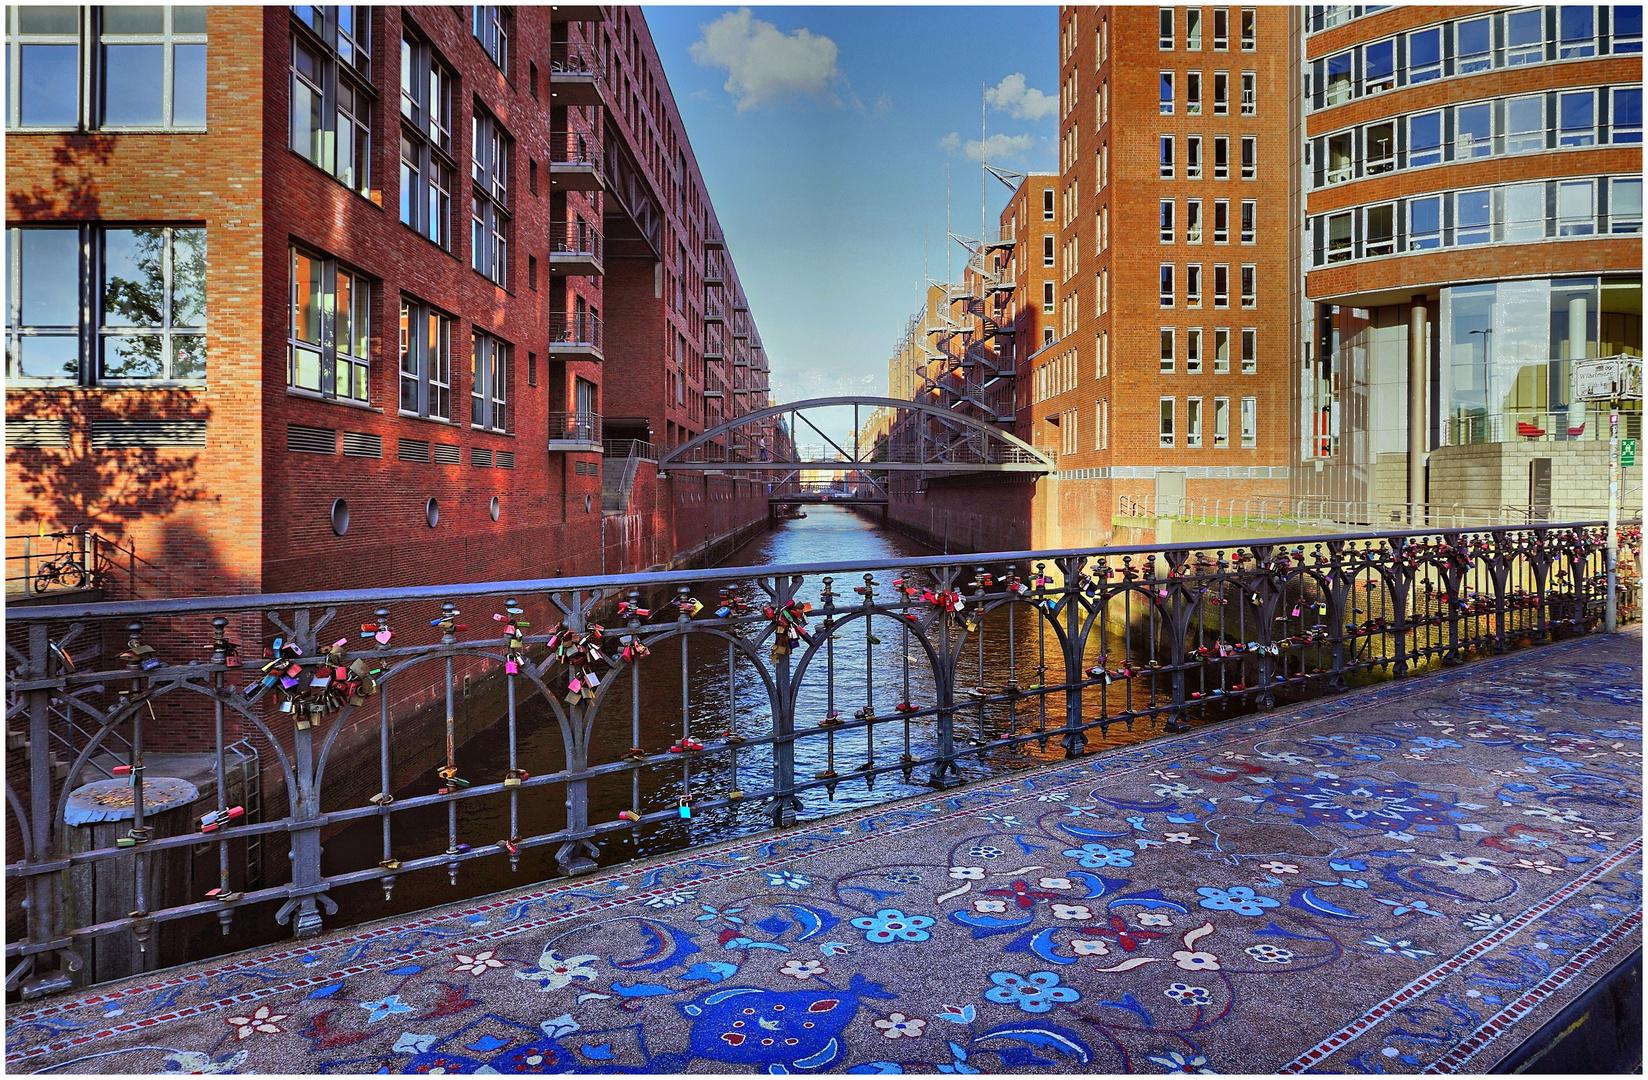 Orientteppich Hamburg hamburg steinerner orientteppich wilhelminenbrücke foto bild